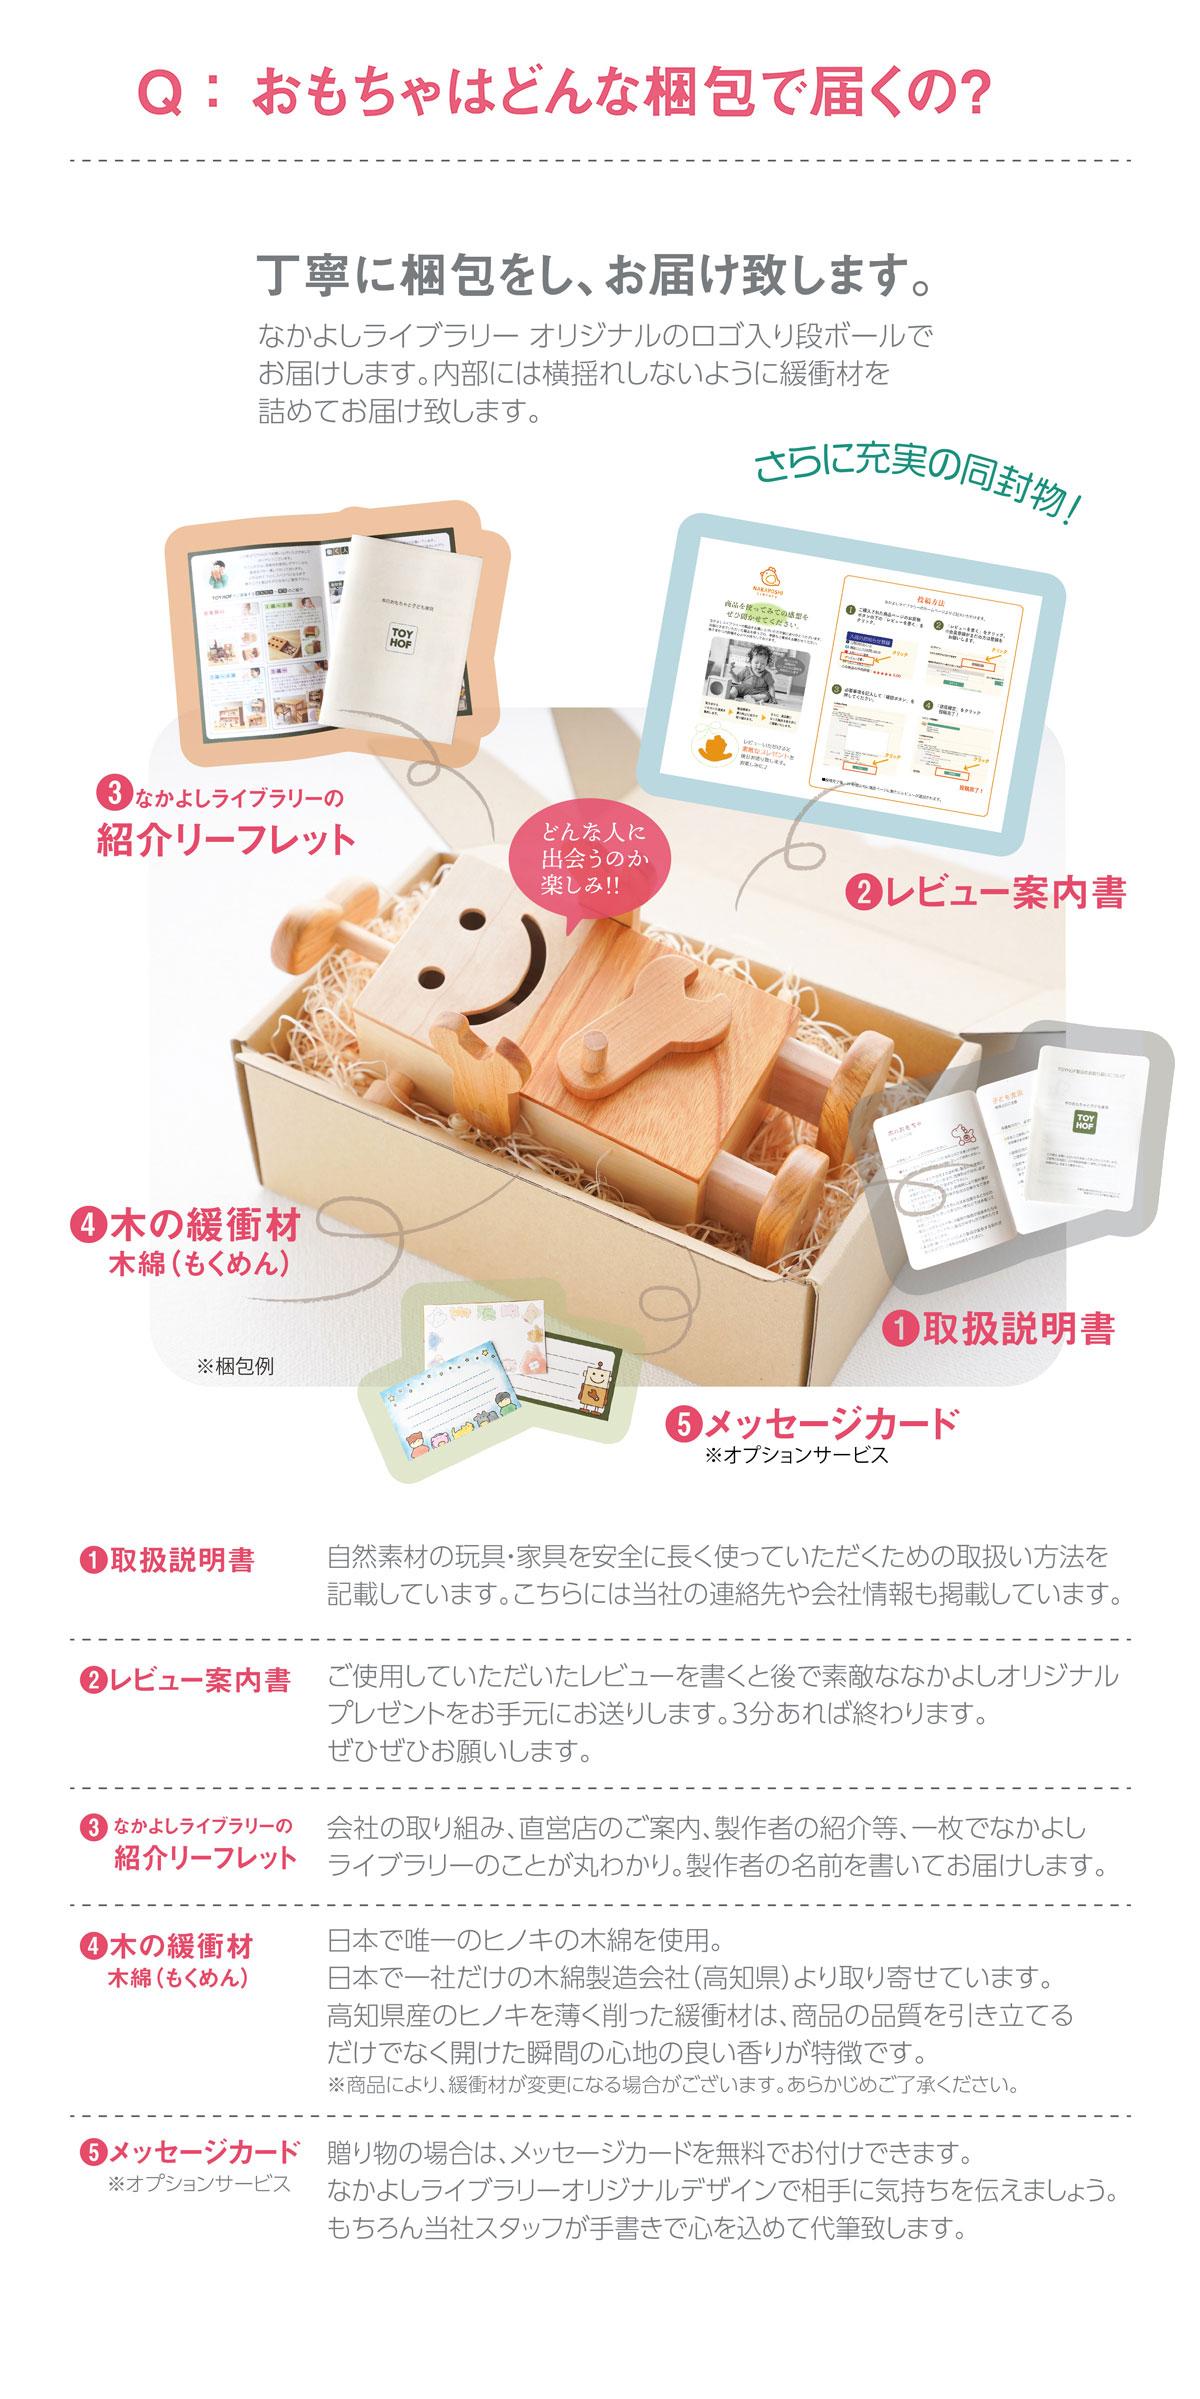 木製玩具の梱包内容